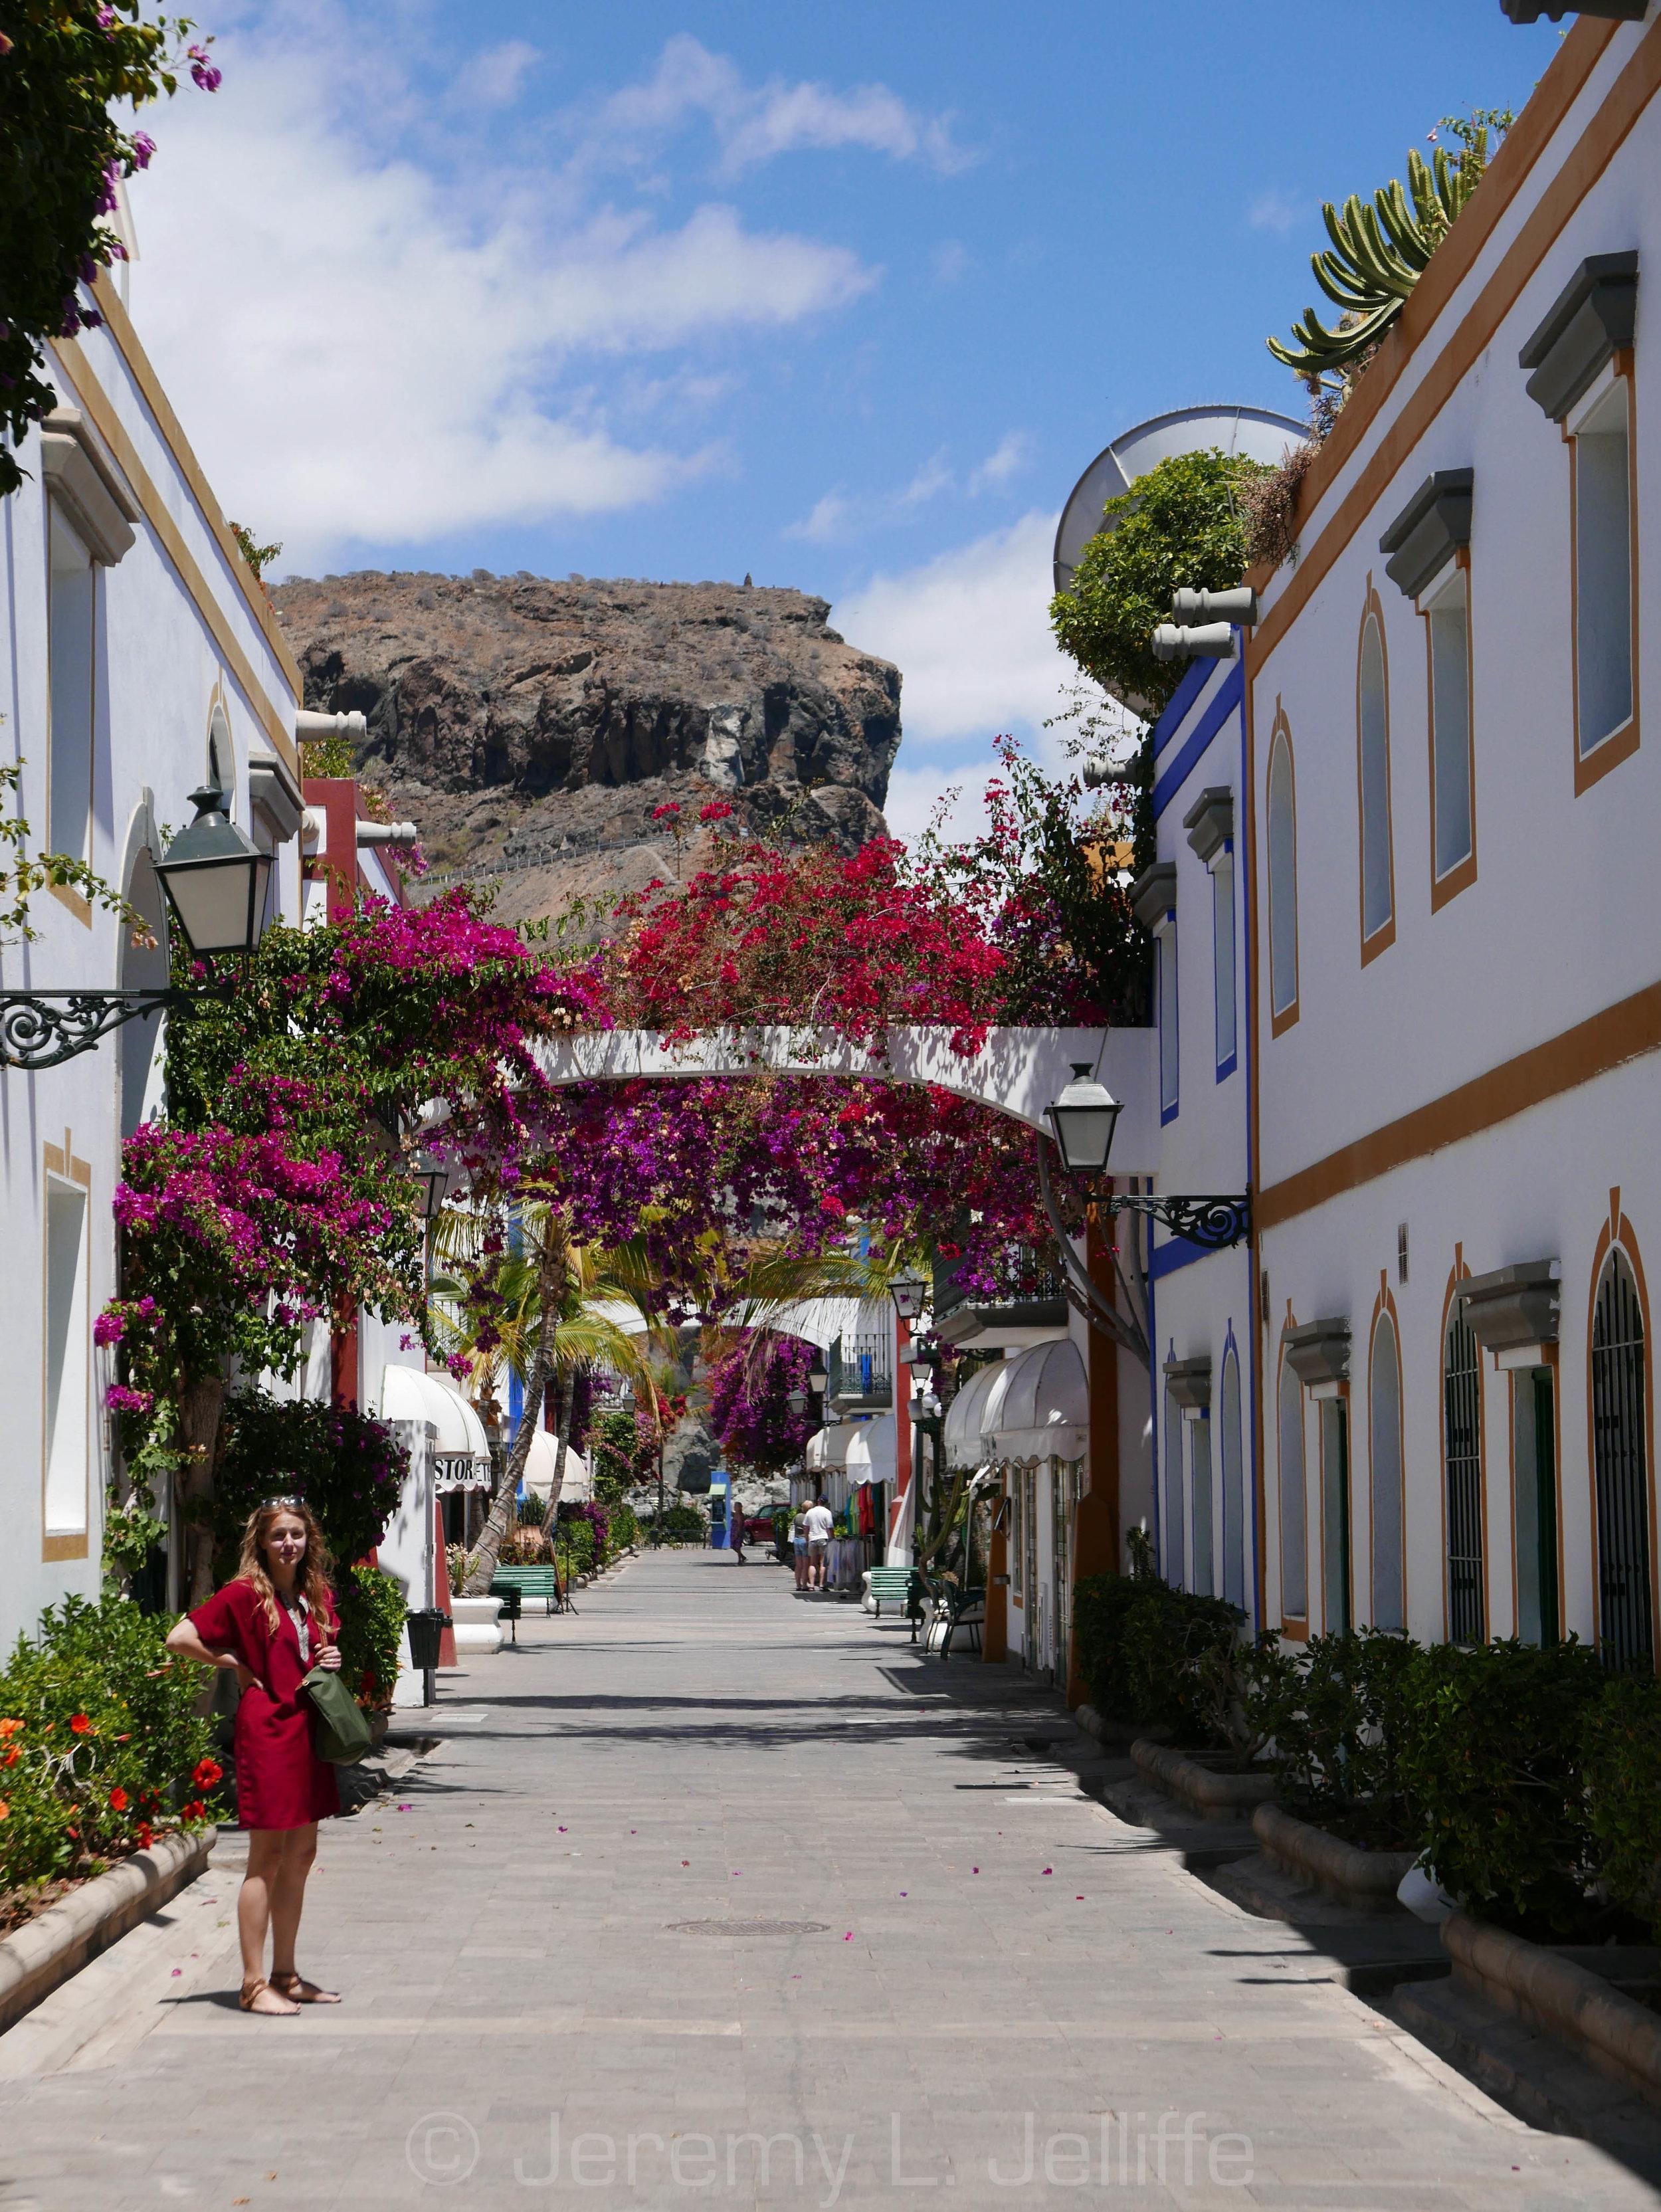 Canaria_1.jpg